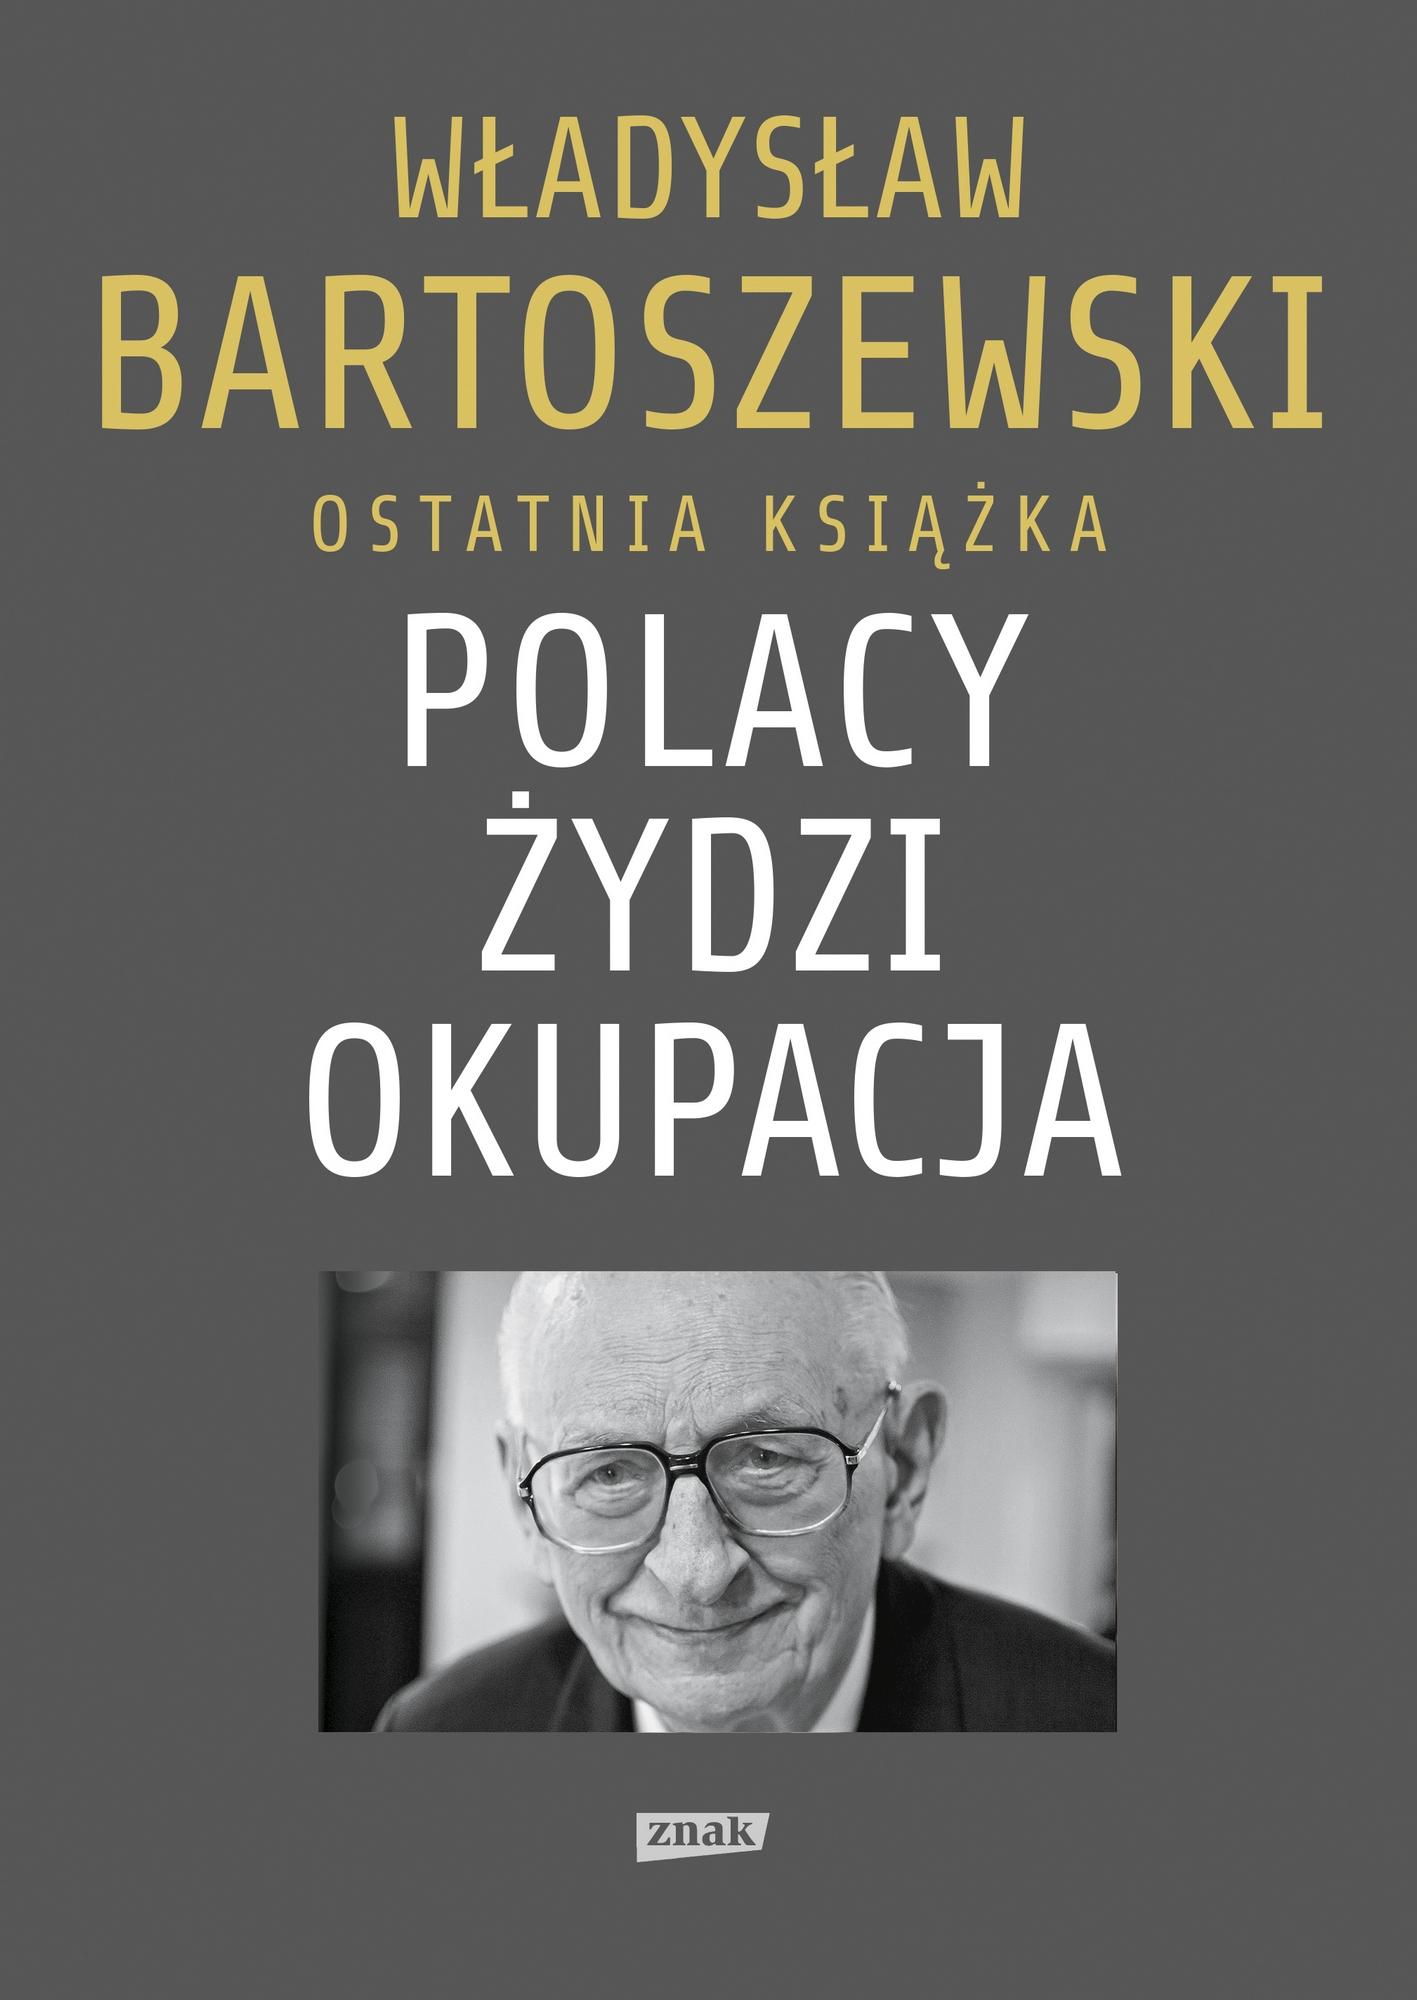 """Ostatnią książkę Władysława Bartoszewskiego, pt. """"Polacy - Żydzi - okupacja"""" można kupić na stronie wydawnictwa Znak."""